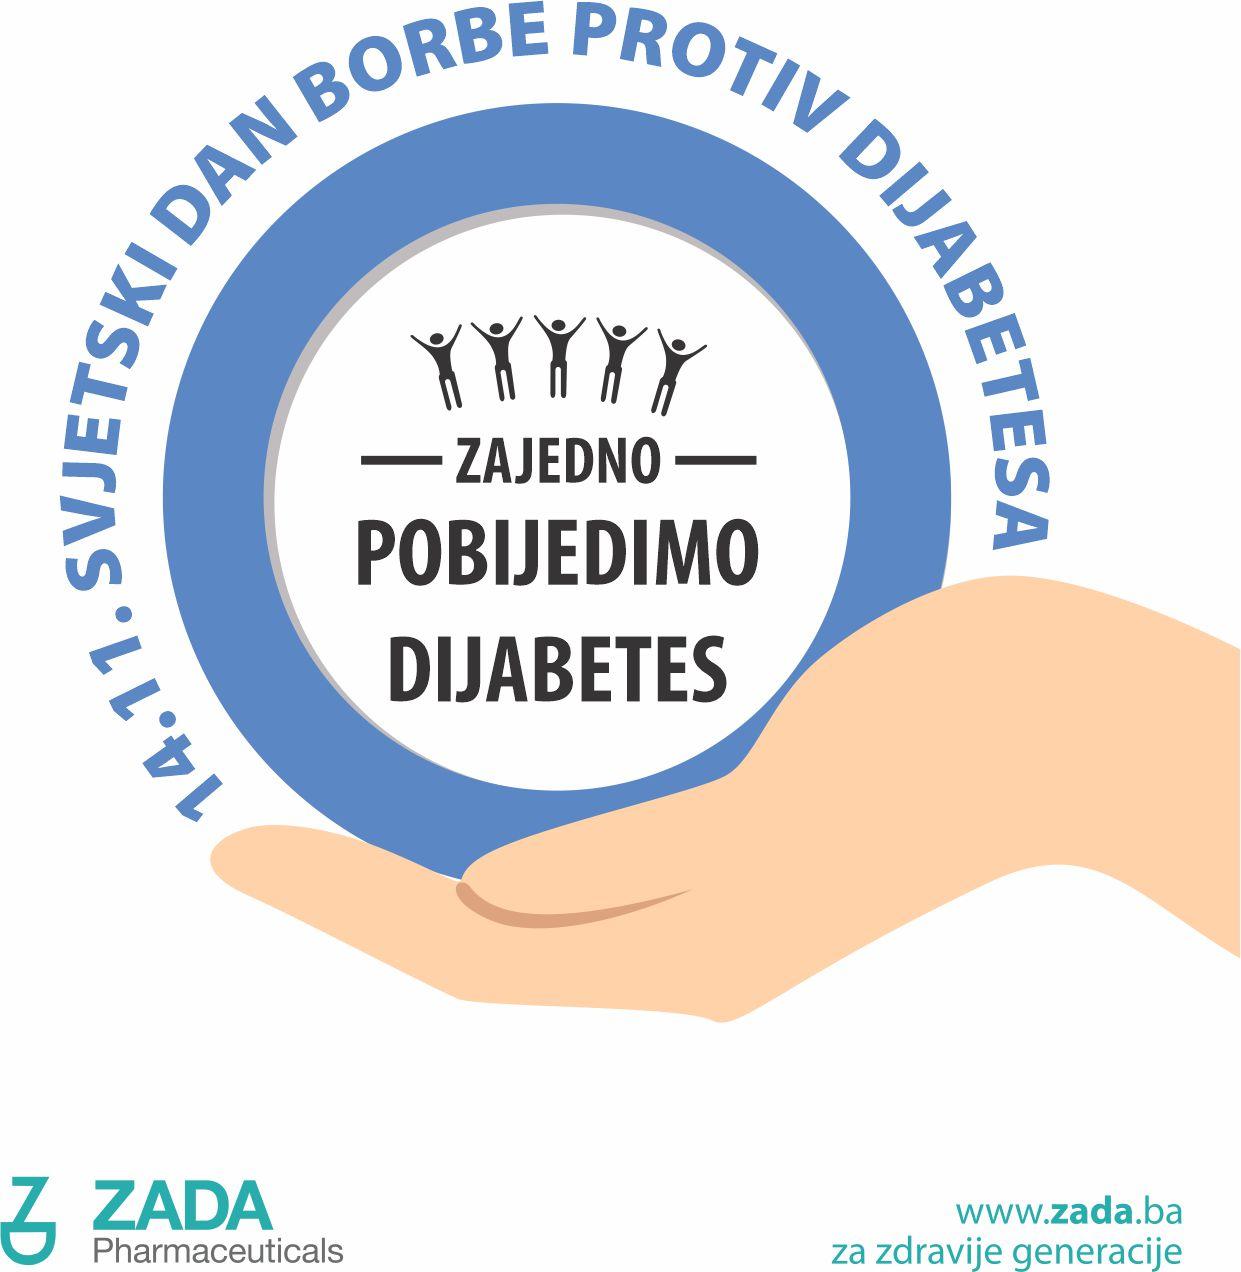 Svjetski dan borbe protiv dijabetesa – 14. novembar